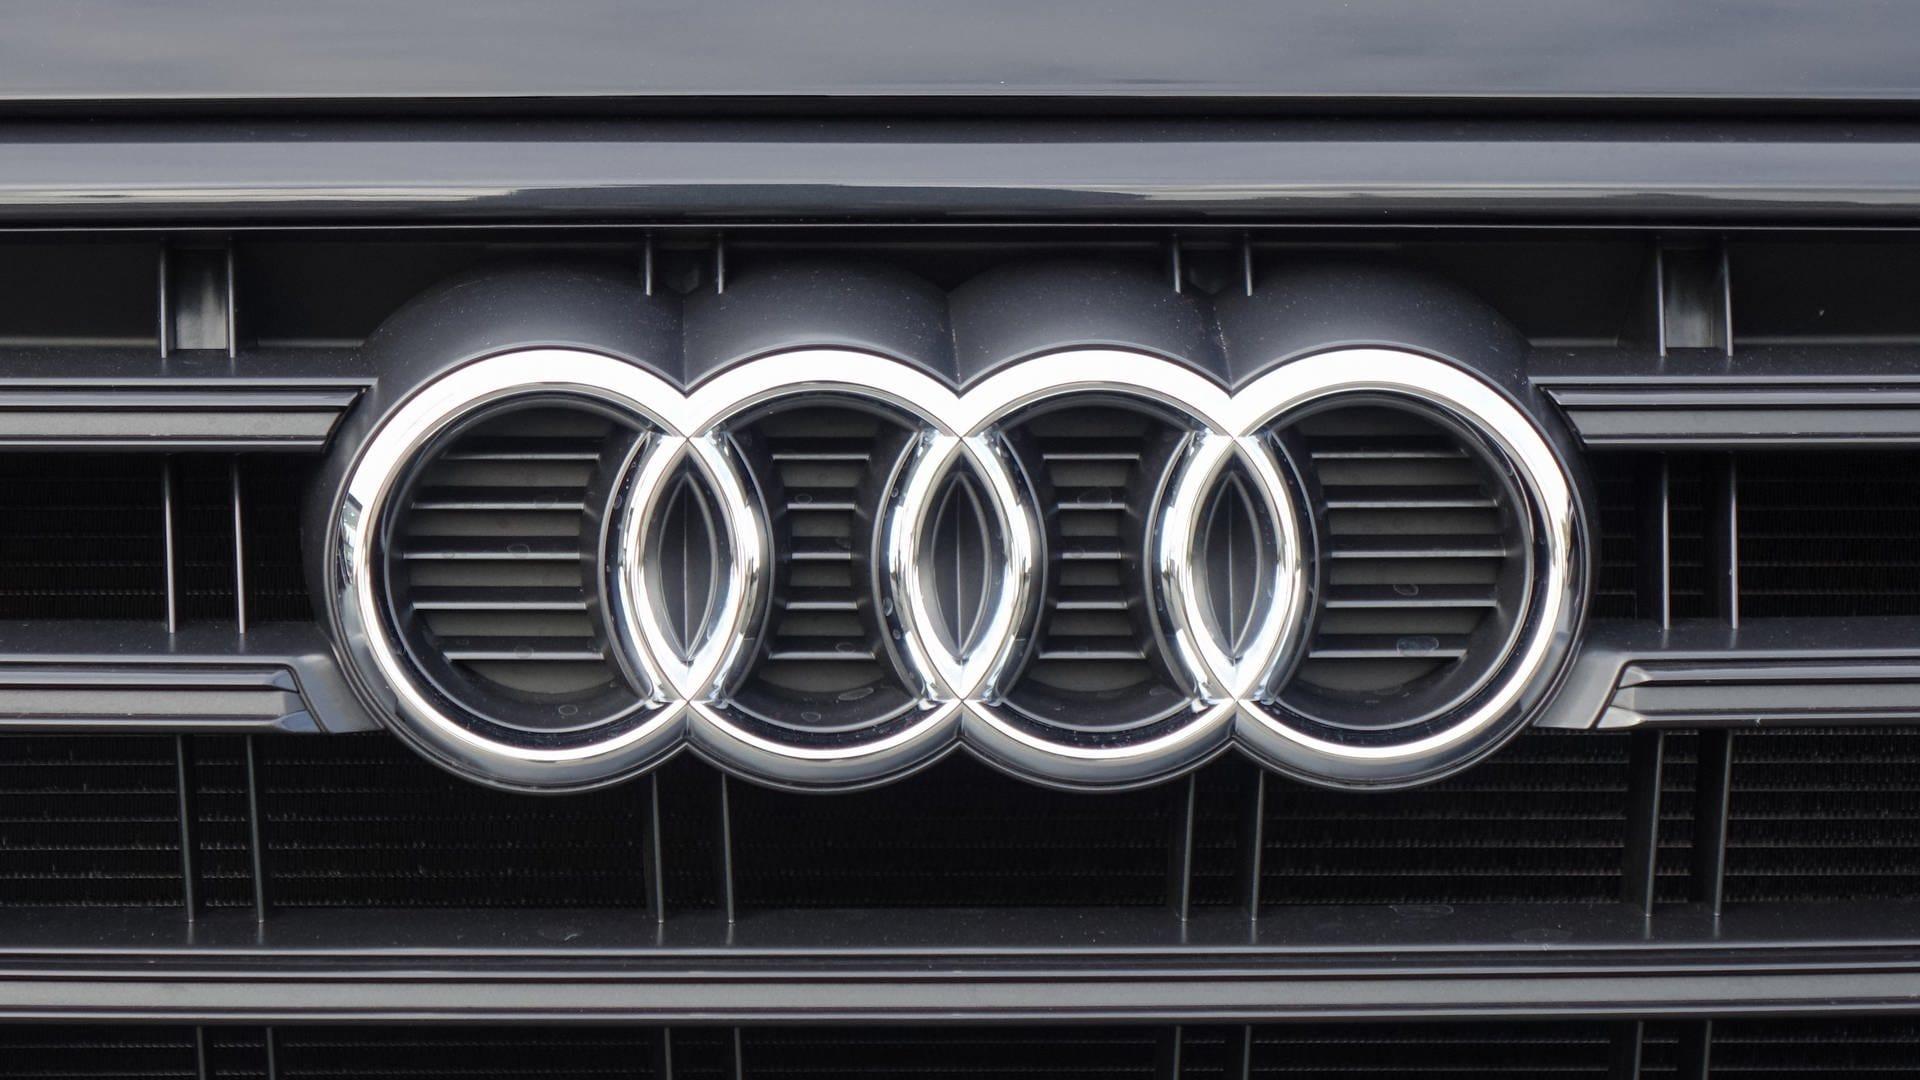 Audi Q5 Kühlergrill Fahrzeugfront mit dem Firmenlogo von Audi